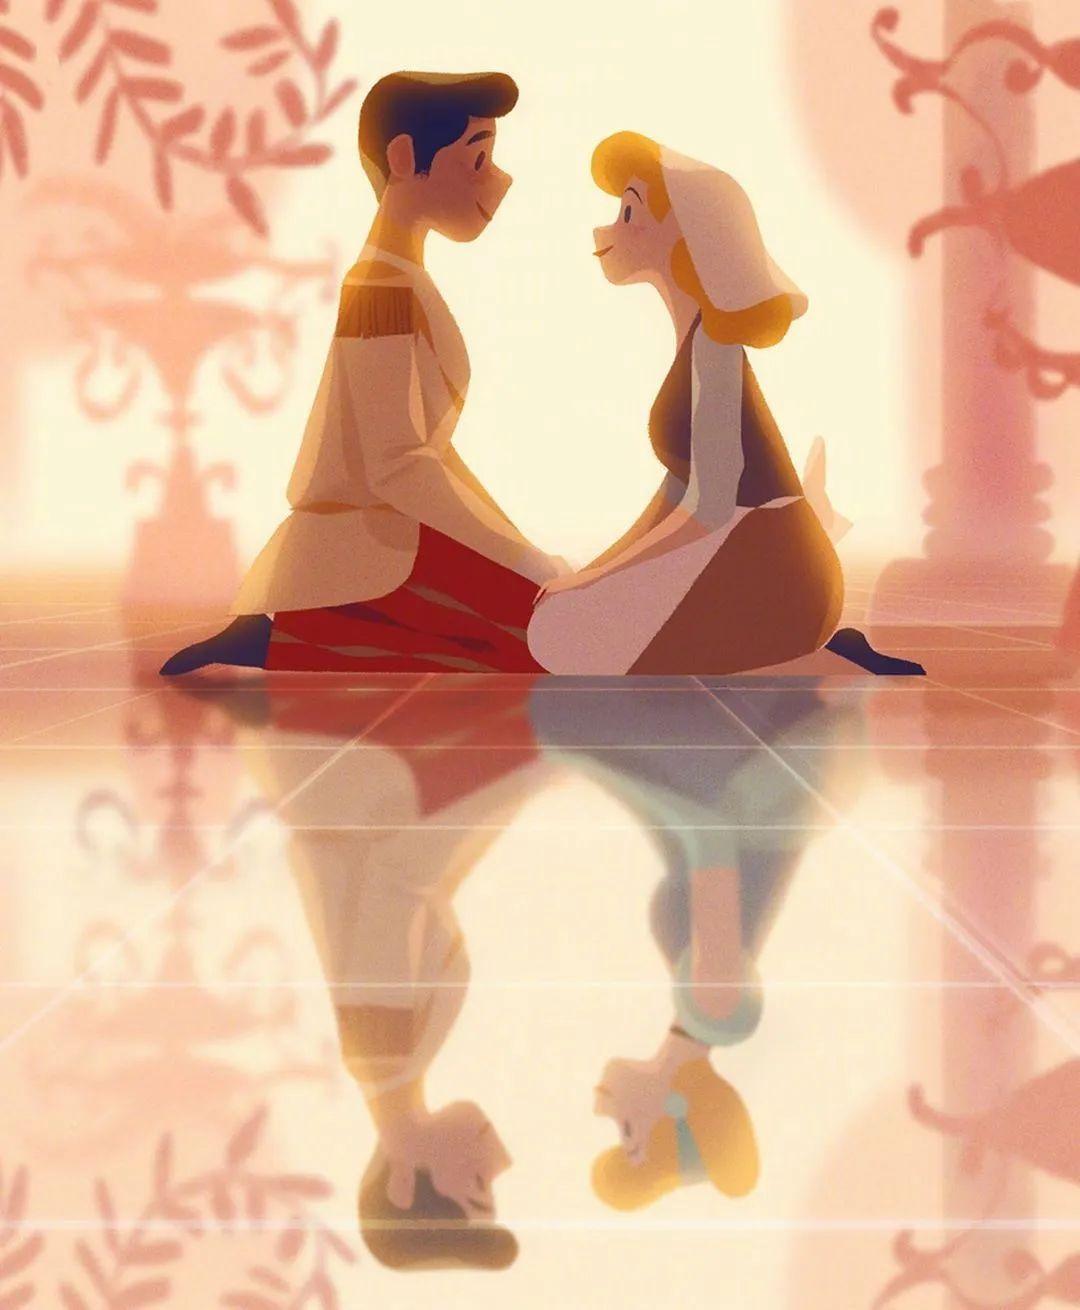 4月16日,二次元美图!迪士尼公主与王子+少女们大眼睛含泪花_图片 No.12